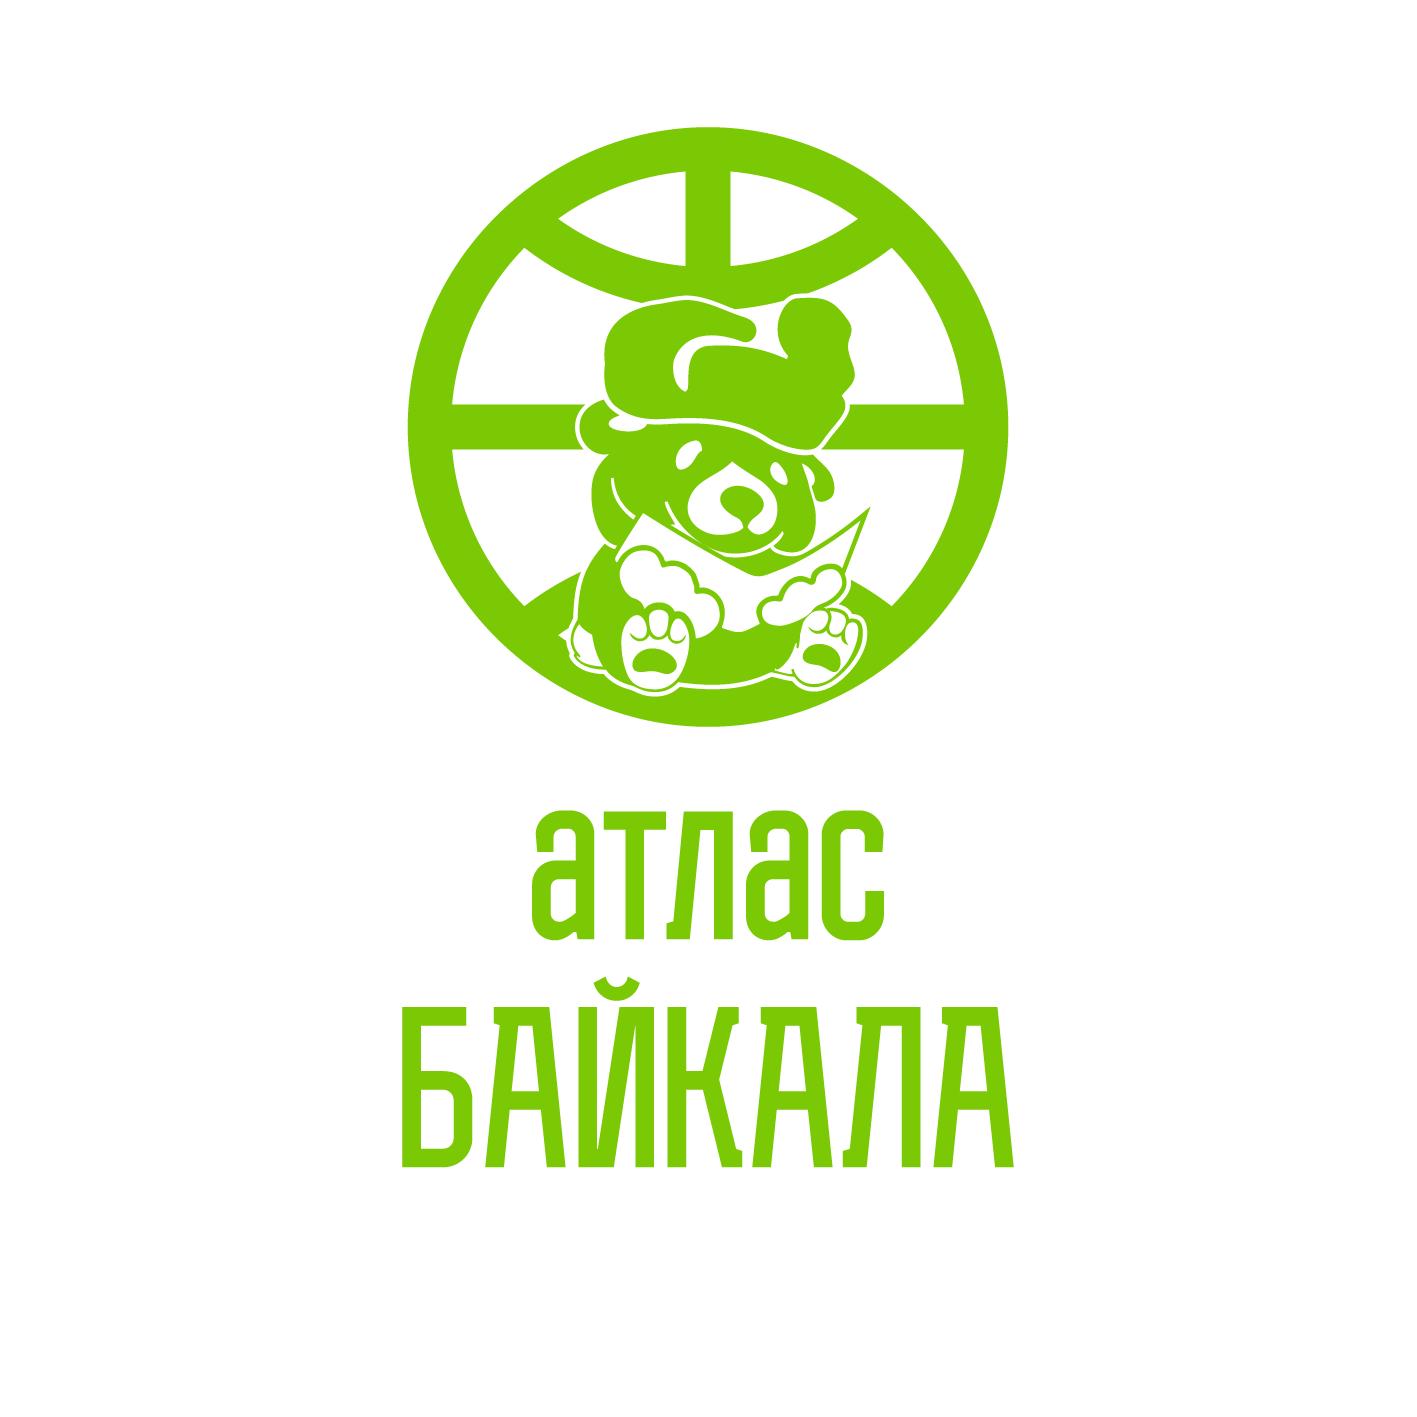 Разработка логотипа Атлас Байкала фото f_2185afdd47e45ada.png